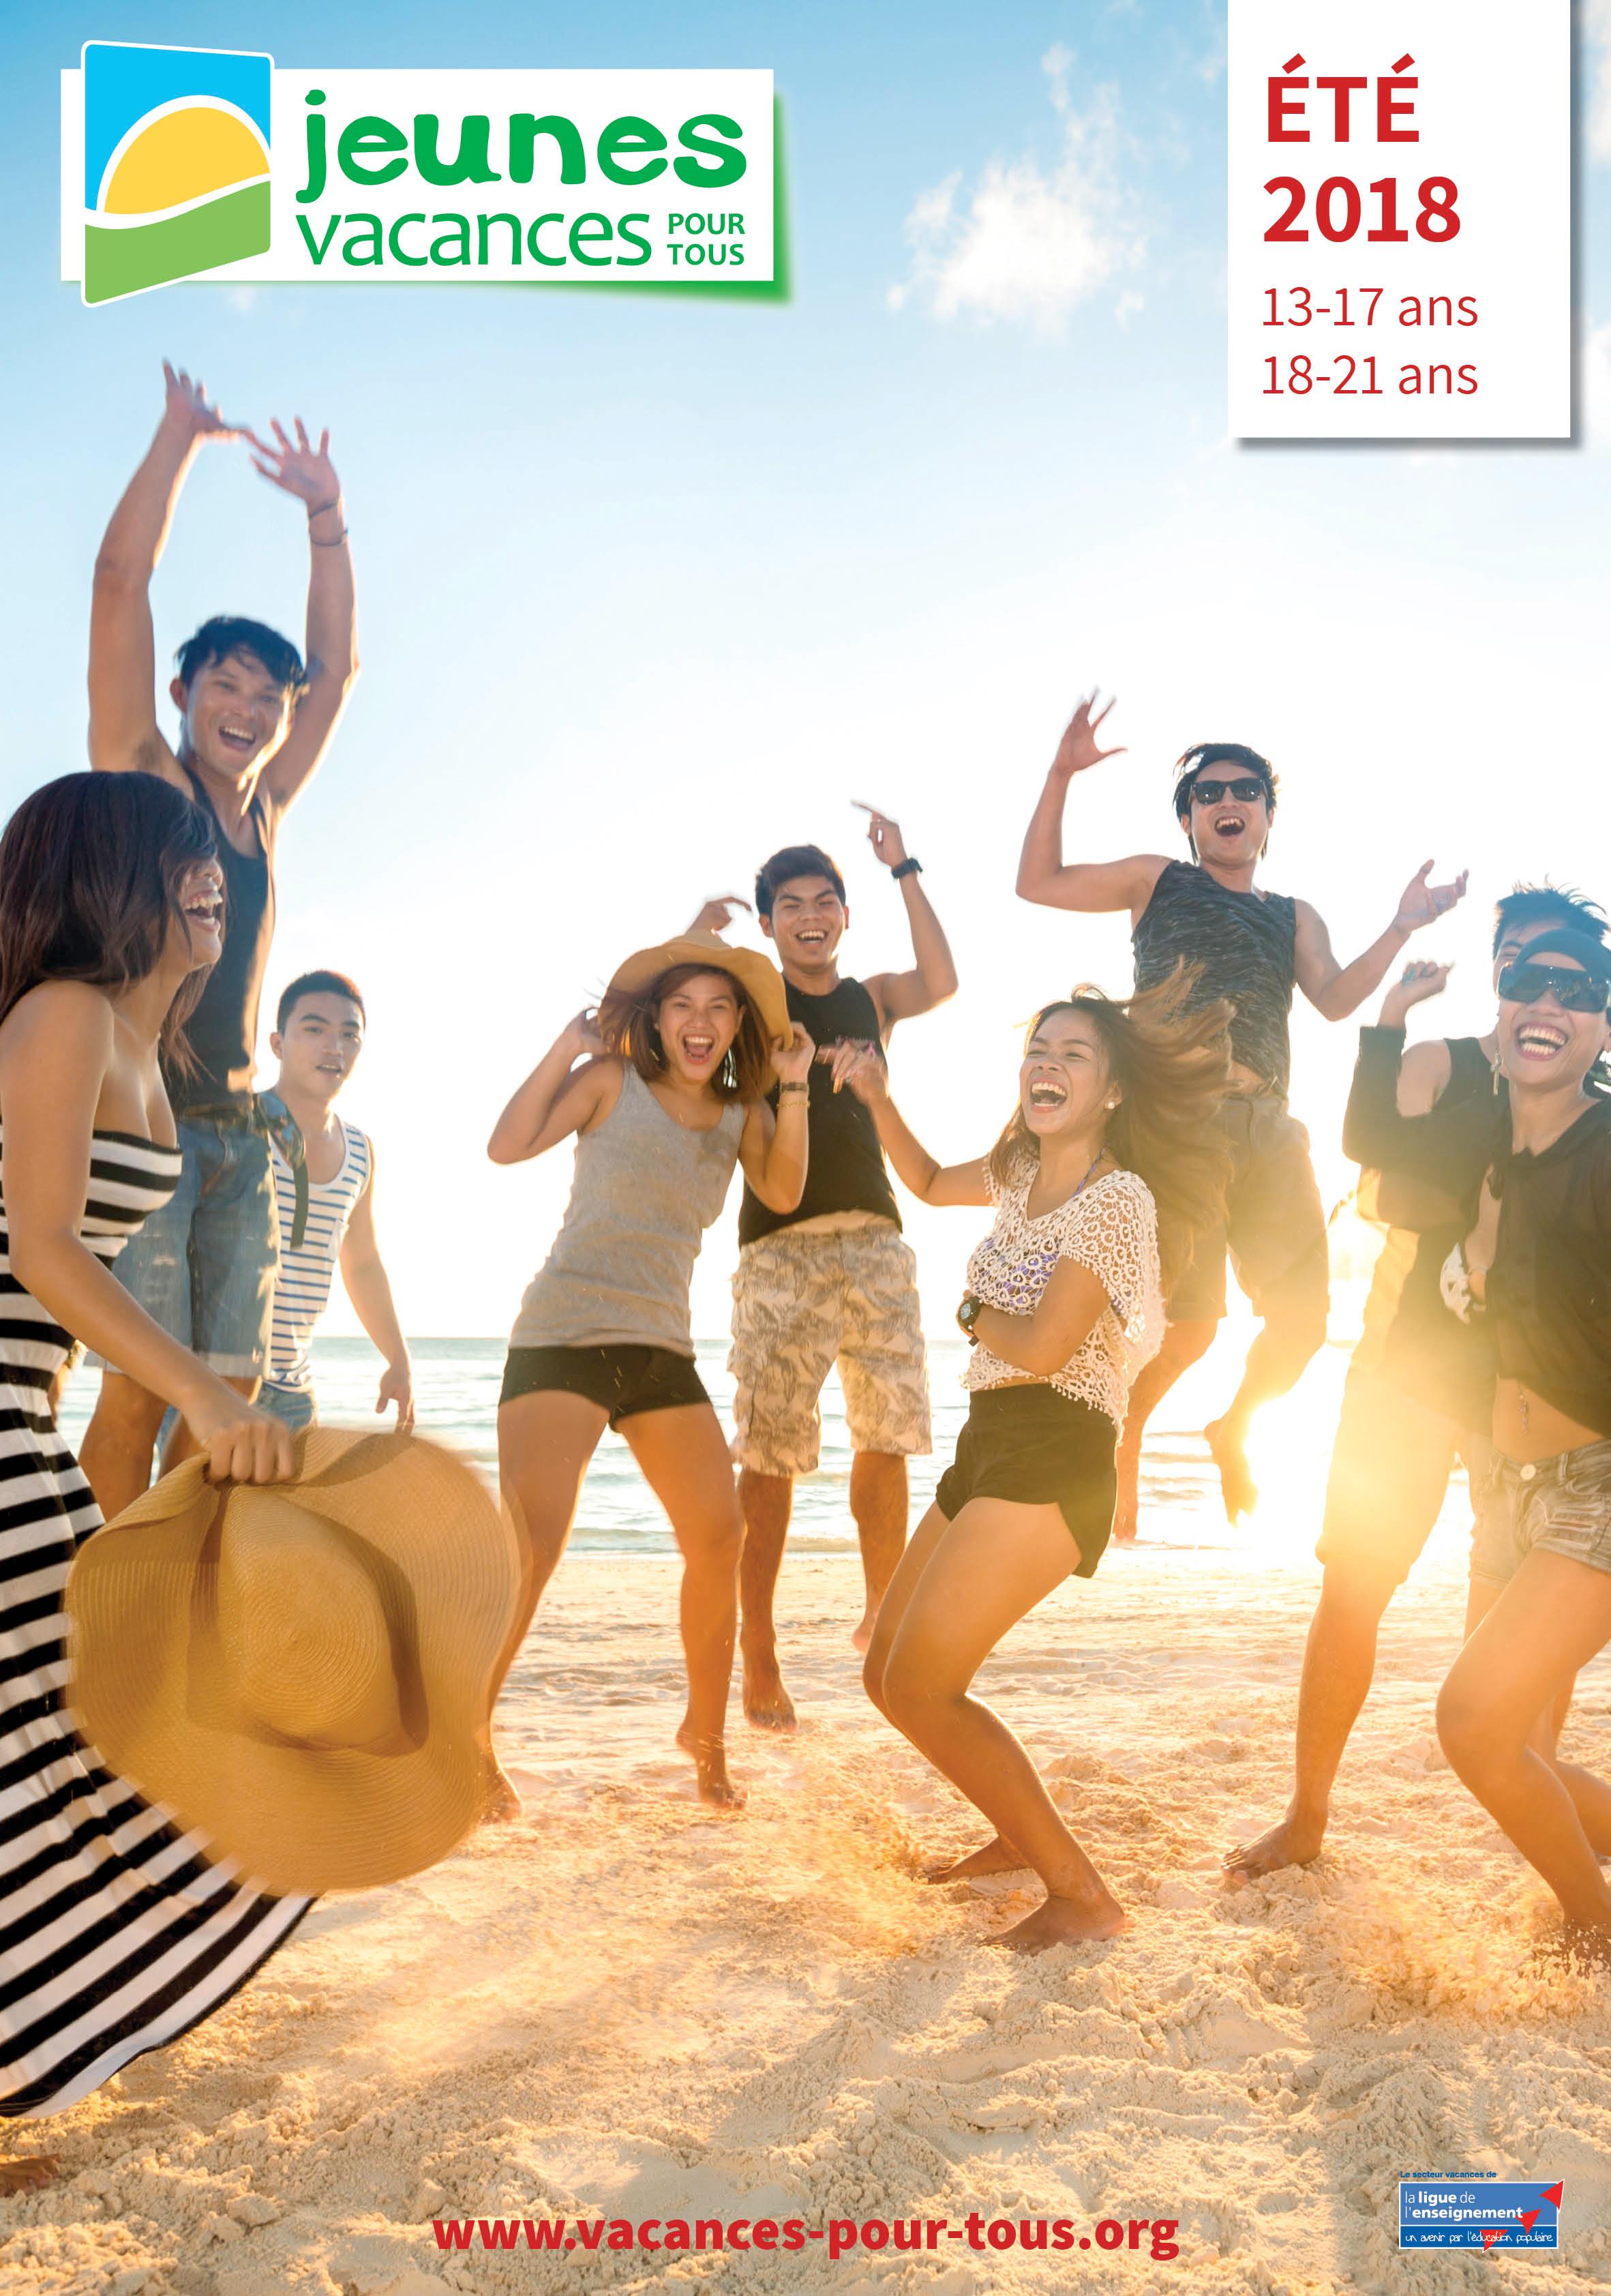 couv-vacances-jeunes-ete-2018.jpg